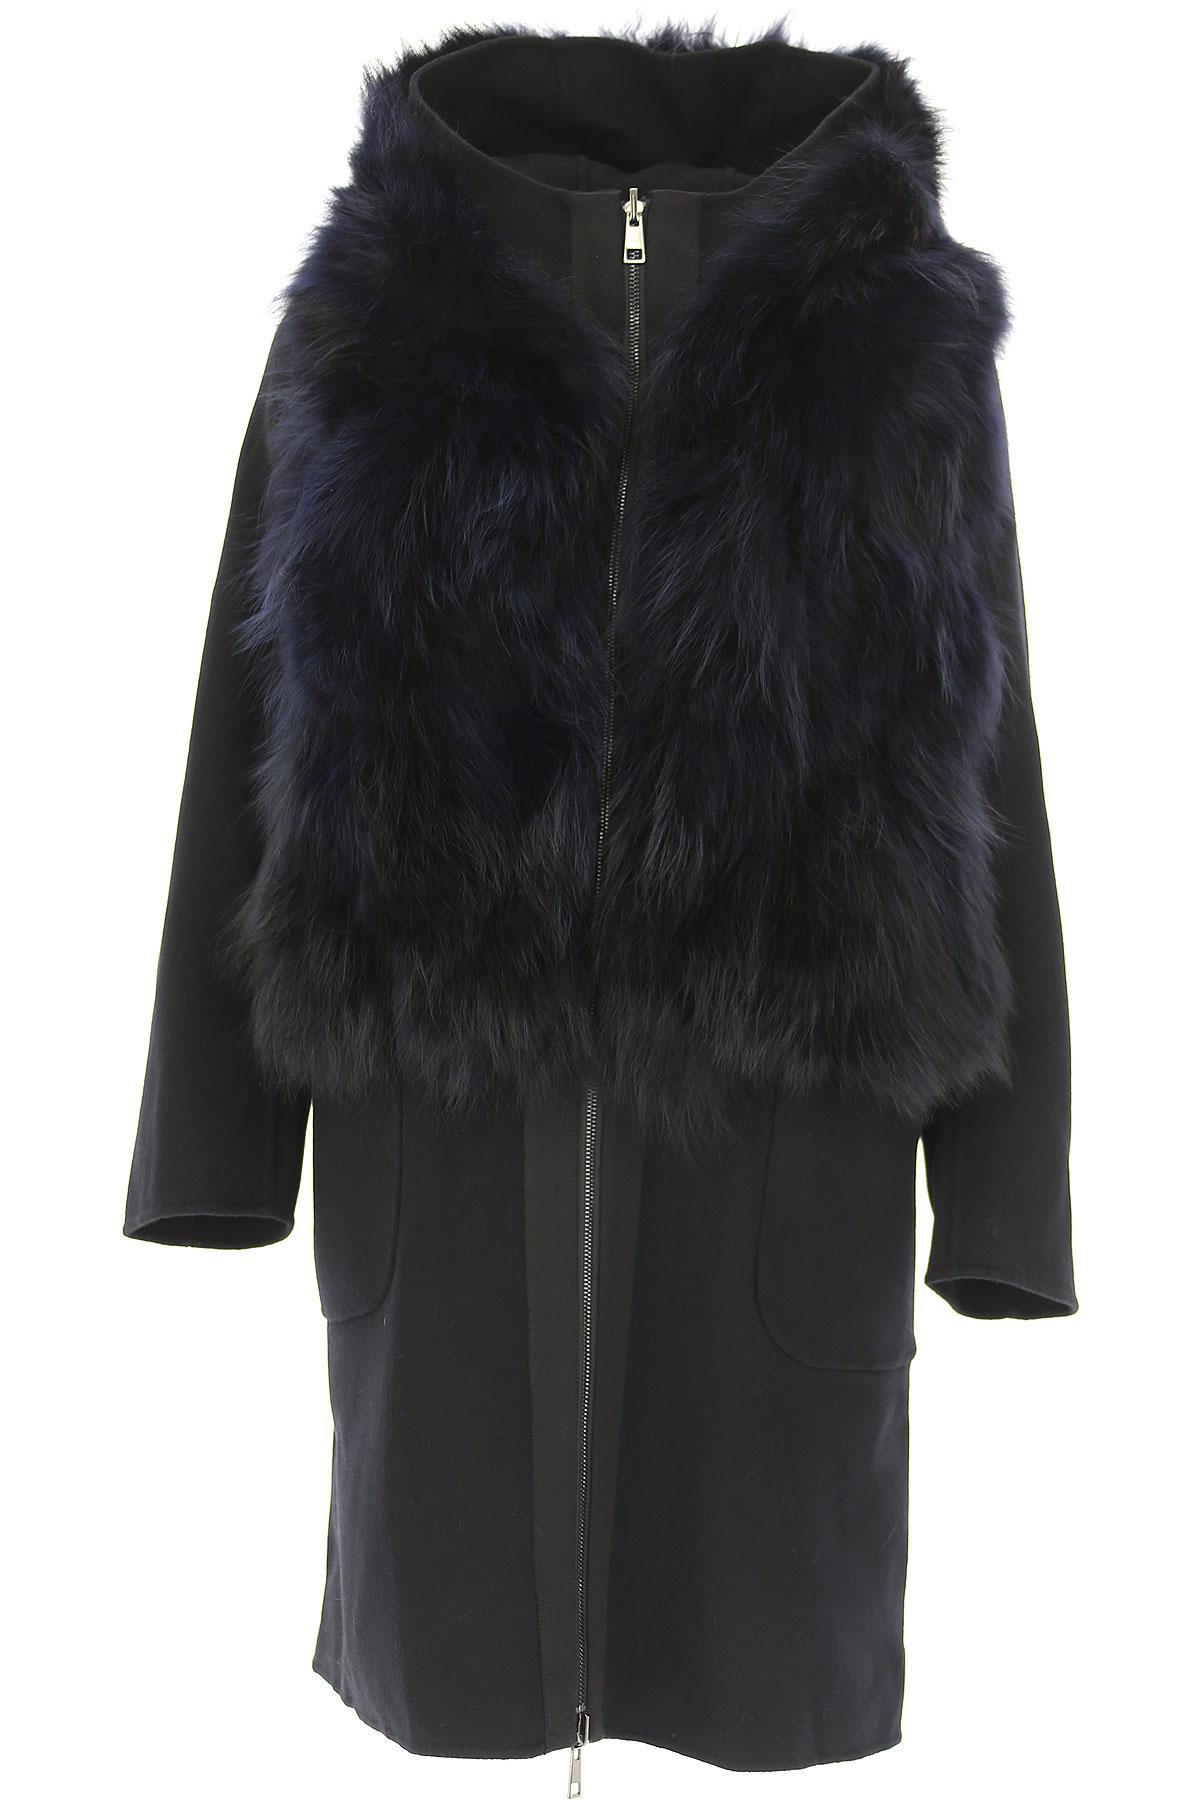 Image of S.W.O.R.D Jacket for Women, Black, Fur, 2017, FR 34 • IT 38 FR 36 • IT 40 FR 38 • IT 42 FR 40 • IT 44